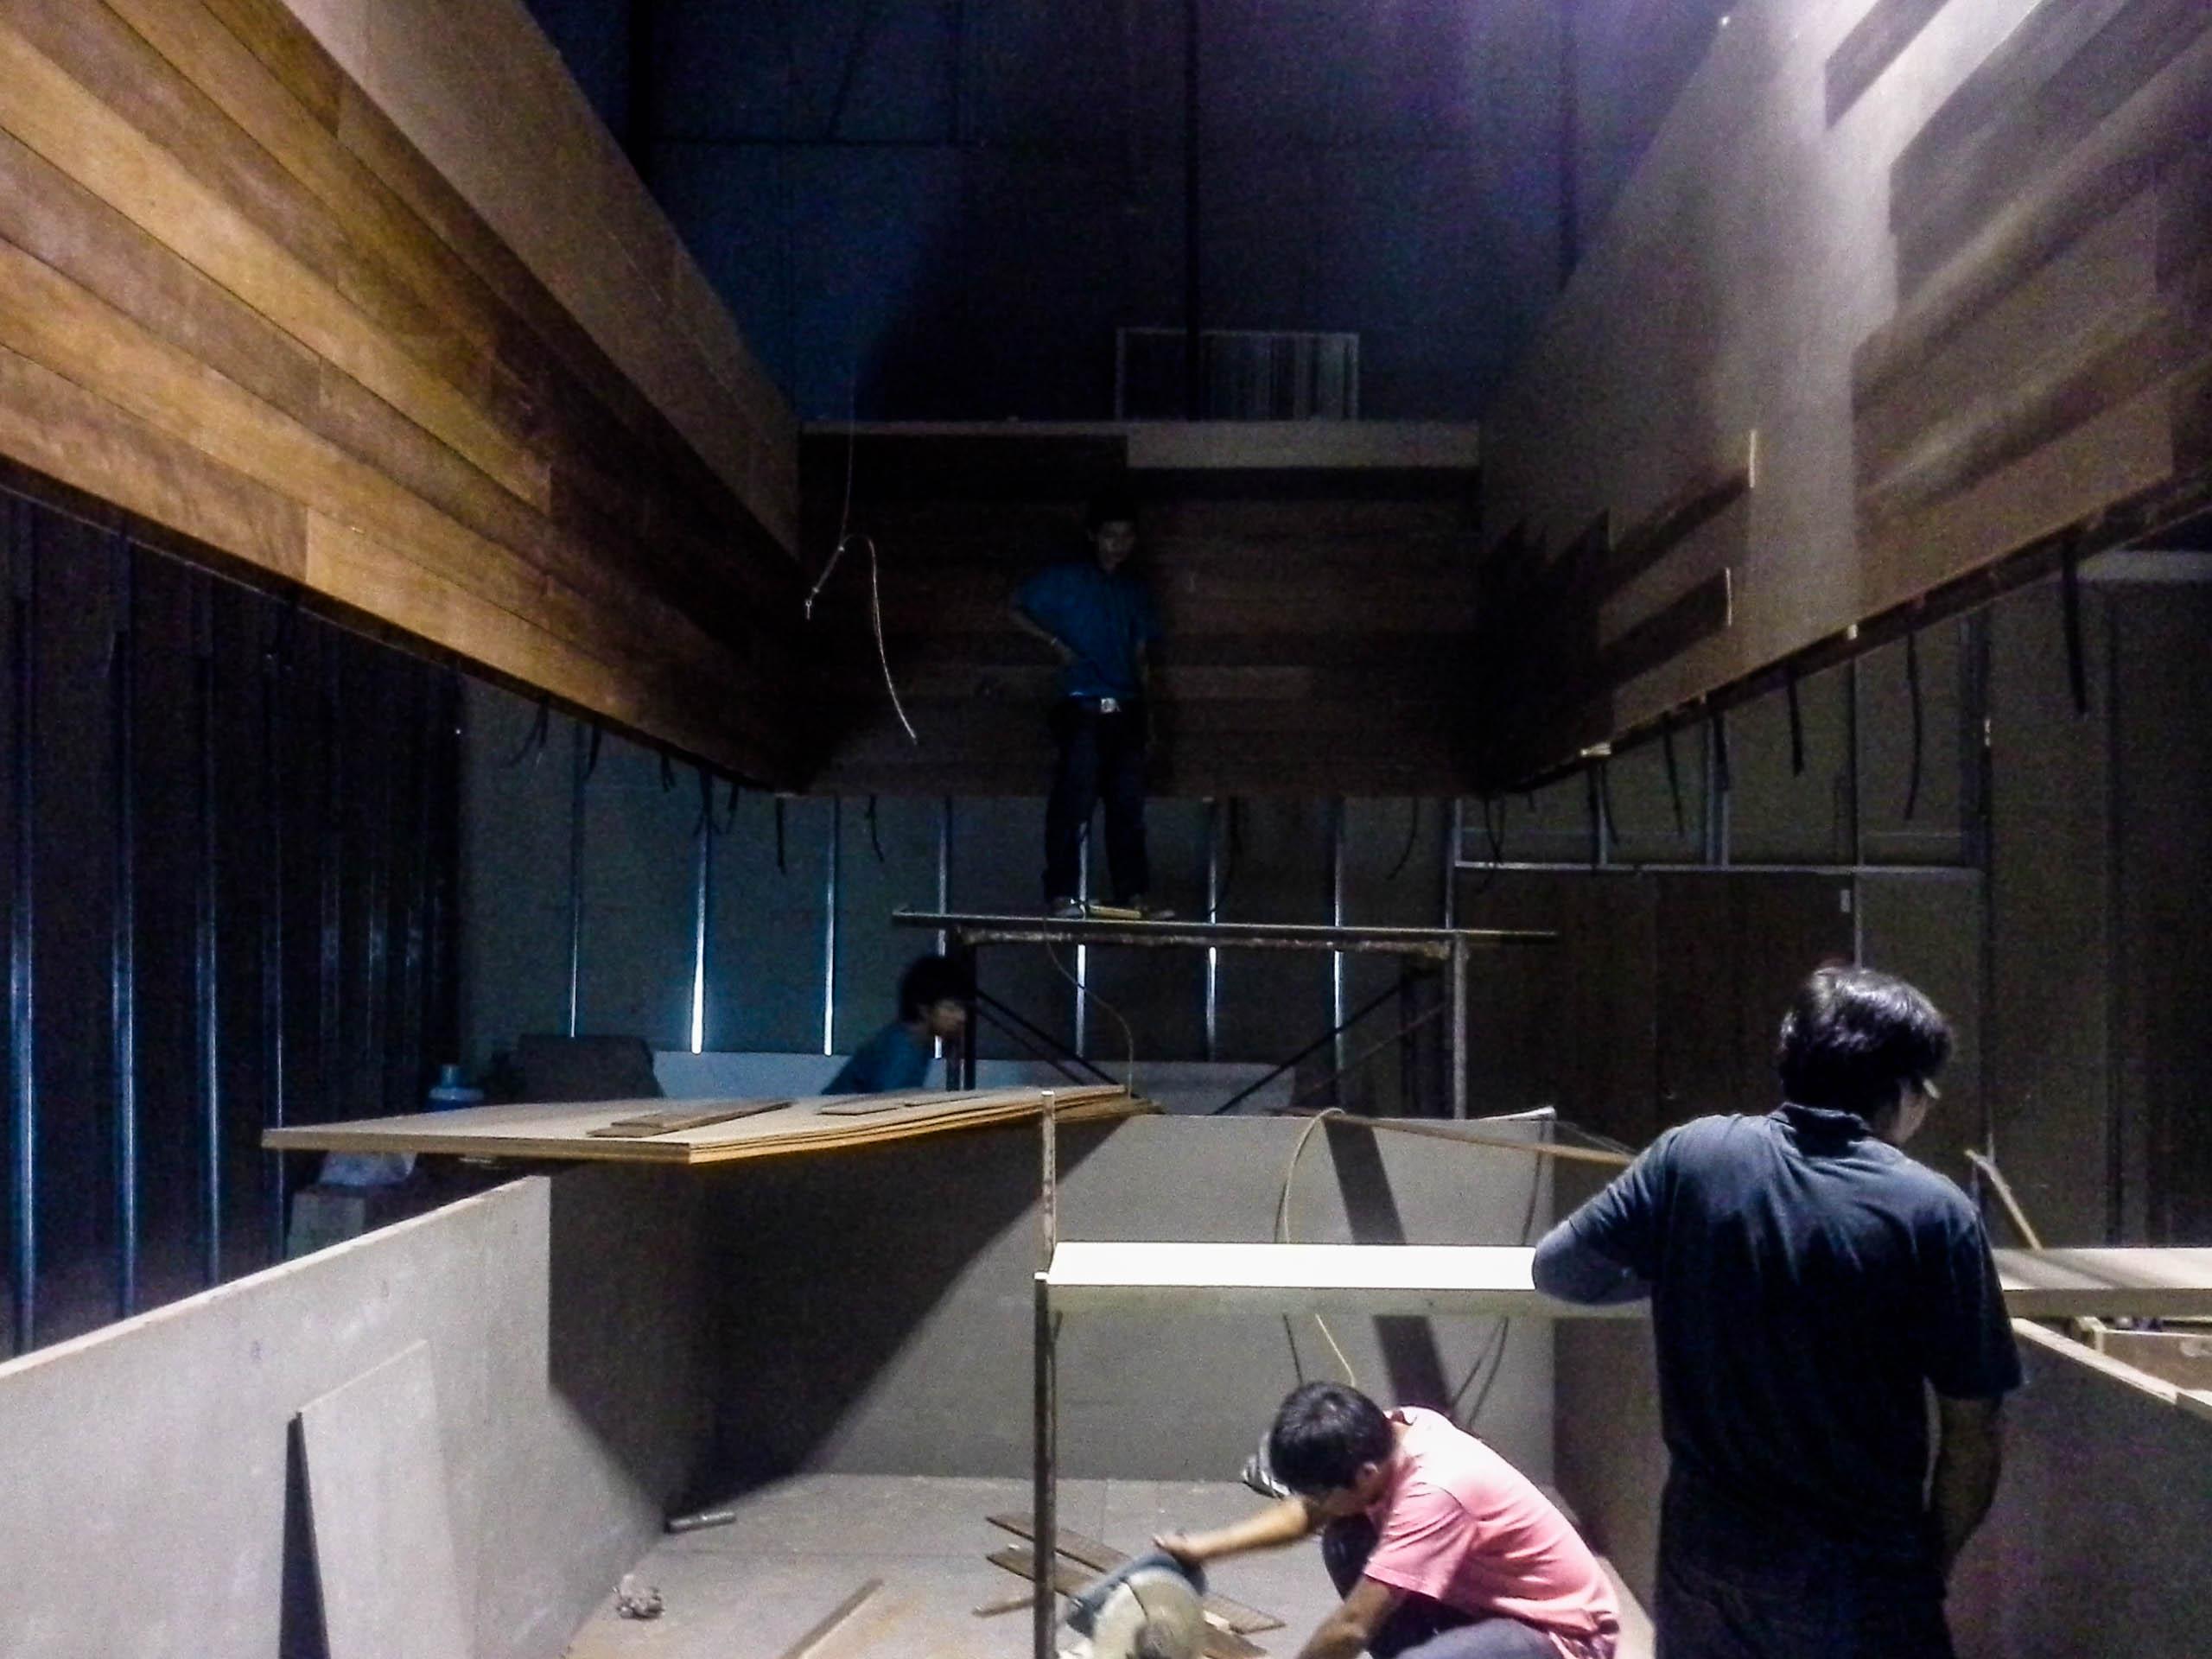 10Design hokkai don sushi bar interior design construction 05